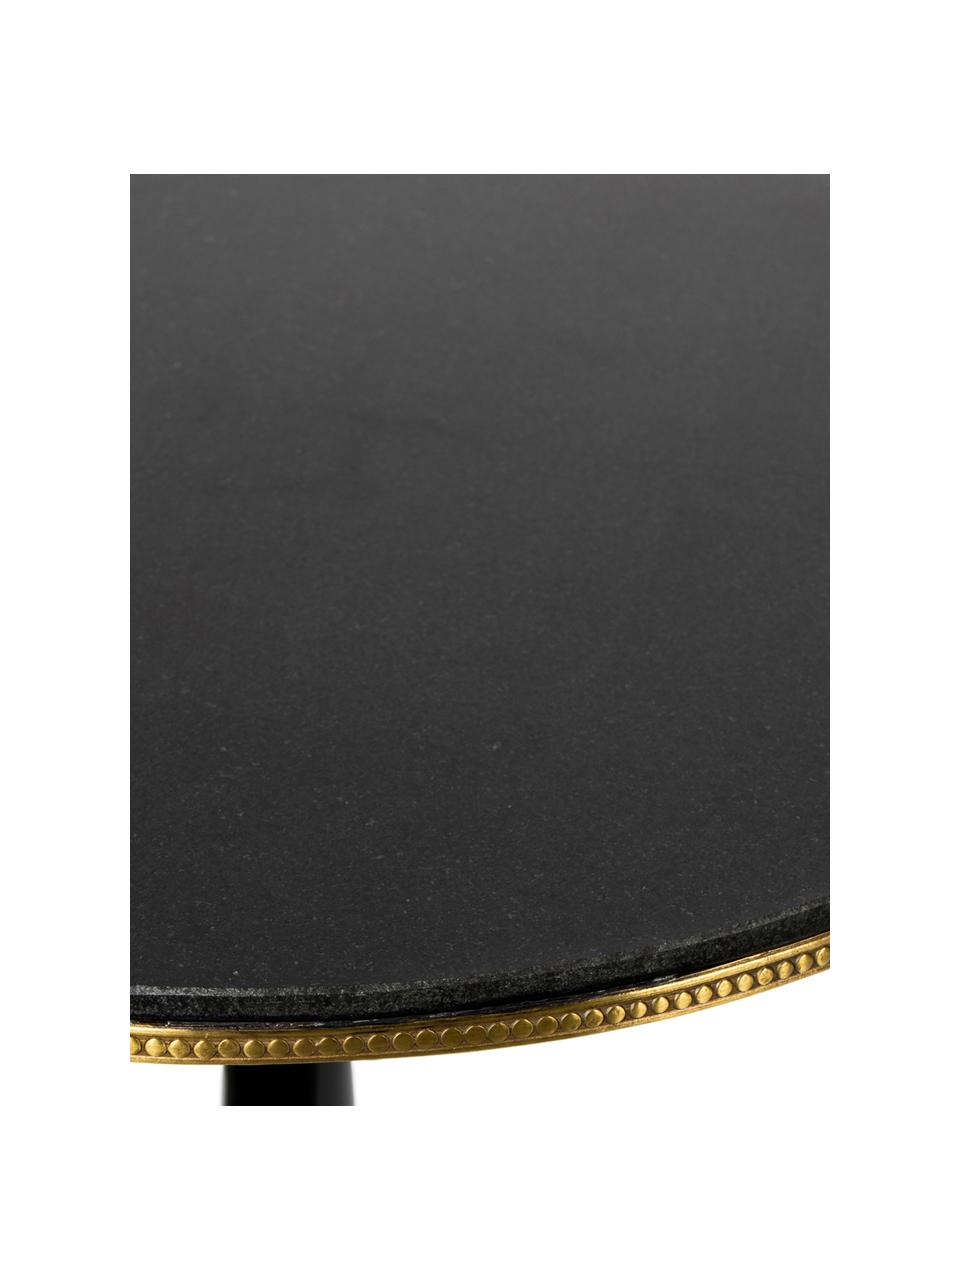 Okrągły stół do jadalni z granitu Own The Glow, Blat: granitowy, Czarny, odcienie złotego, Ø 65 x W 76 cm